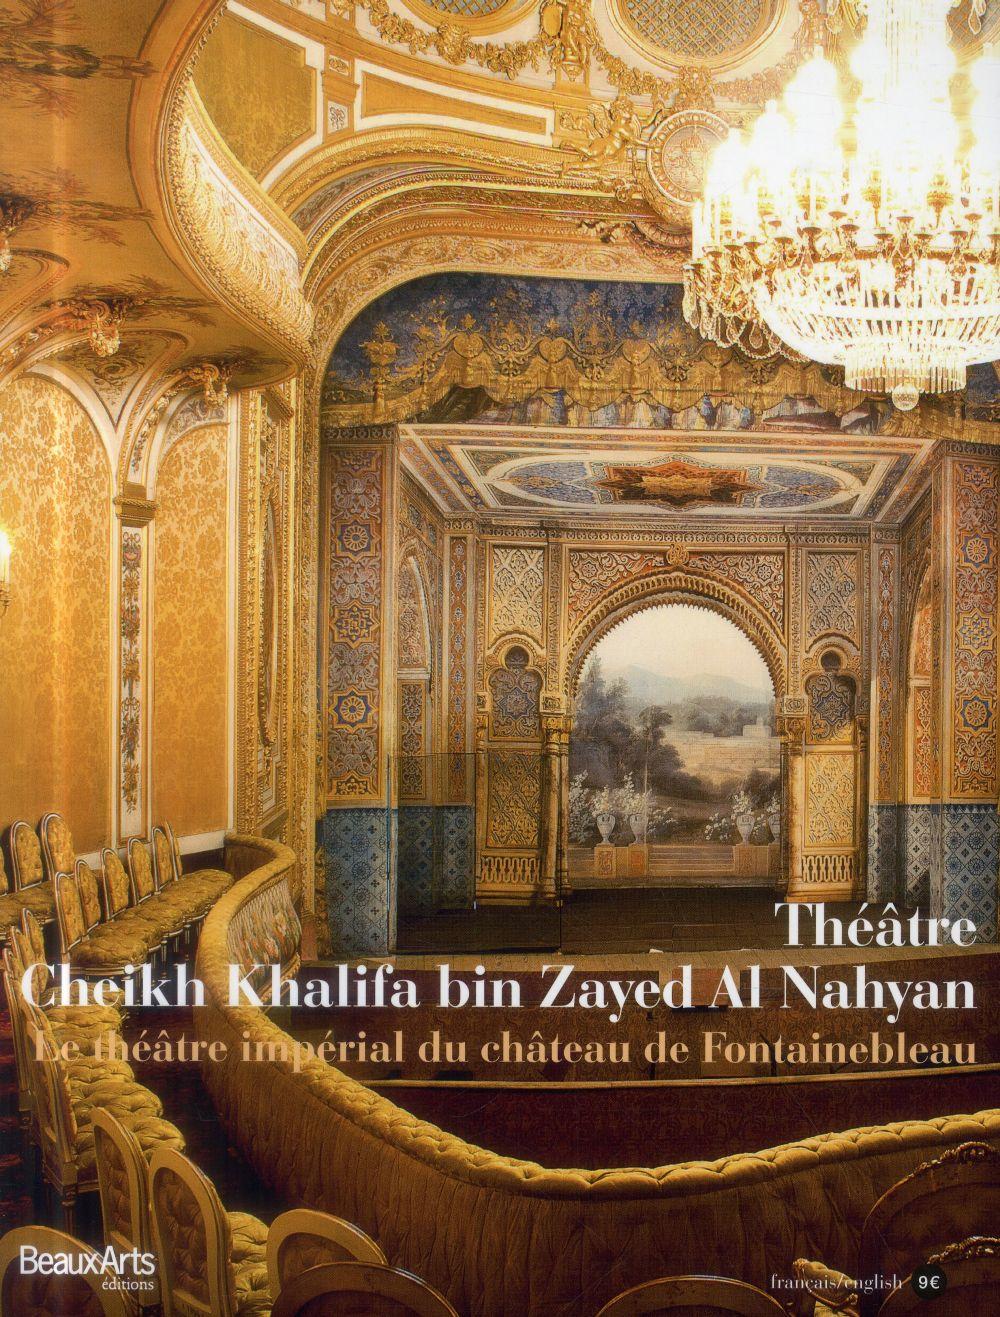 LE THEATRE IMPERIAL DU CHATEAU DE FONTAINEBLEAU (BILINGUE ANGLAIS / FRANCAIS)